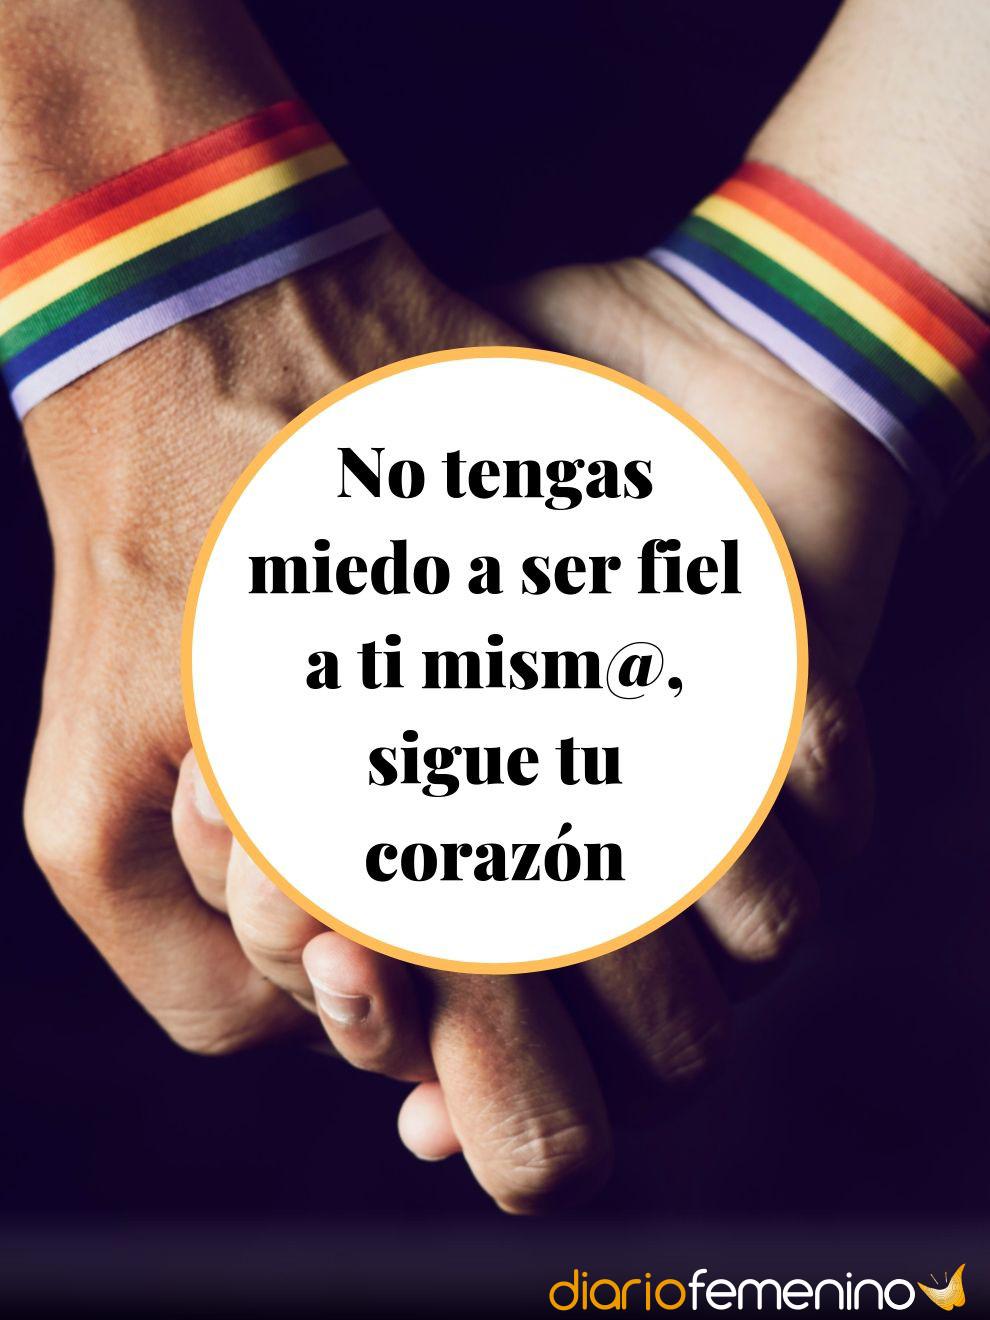 Las Mejores Frases Para Celebrar El Orgullo Gay